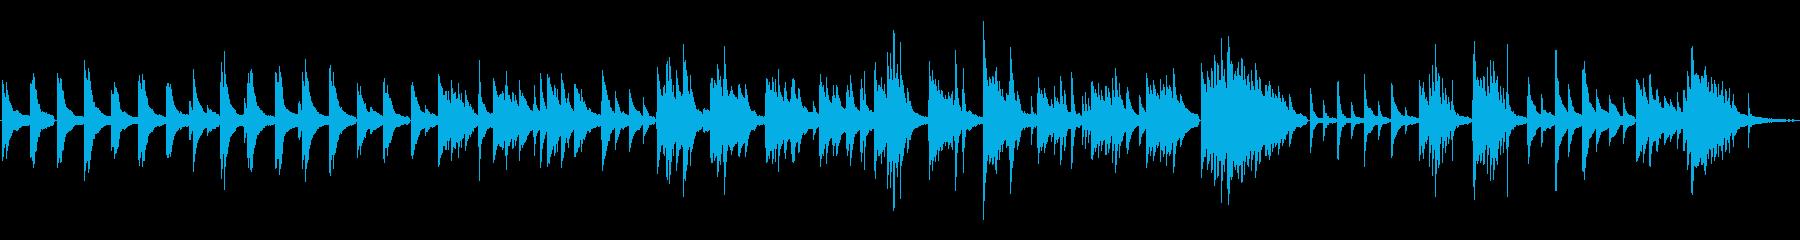 ピアノソロ・心の力の再生済みの波形